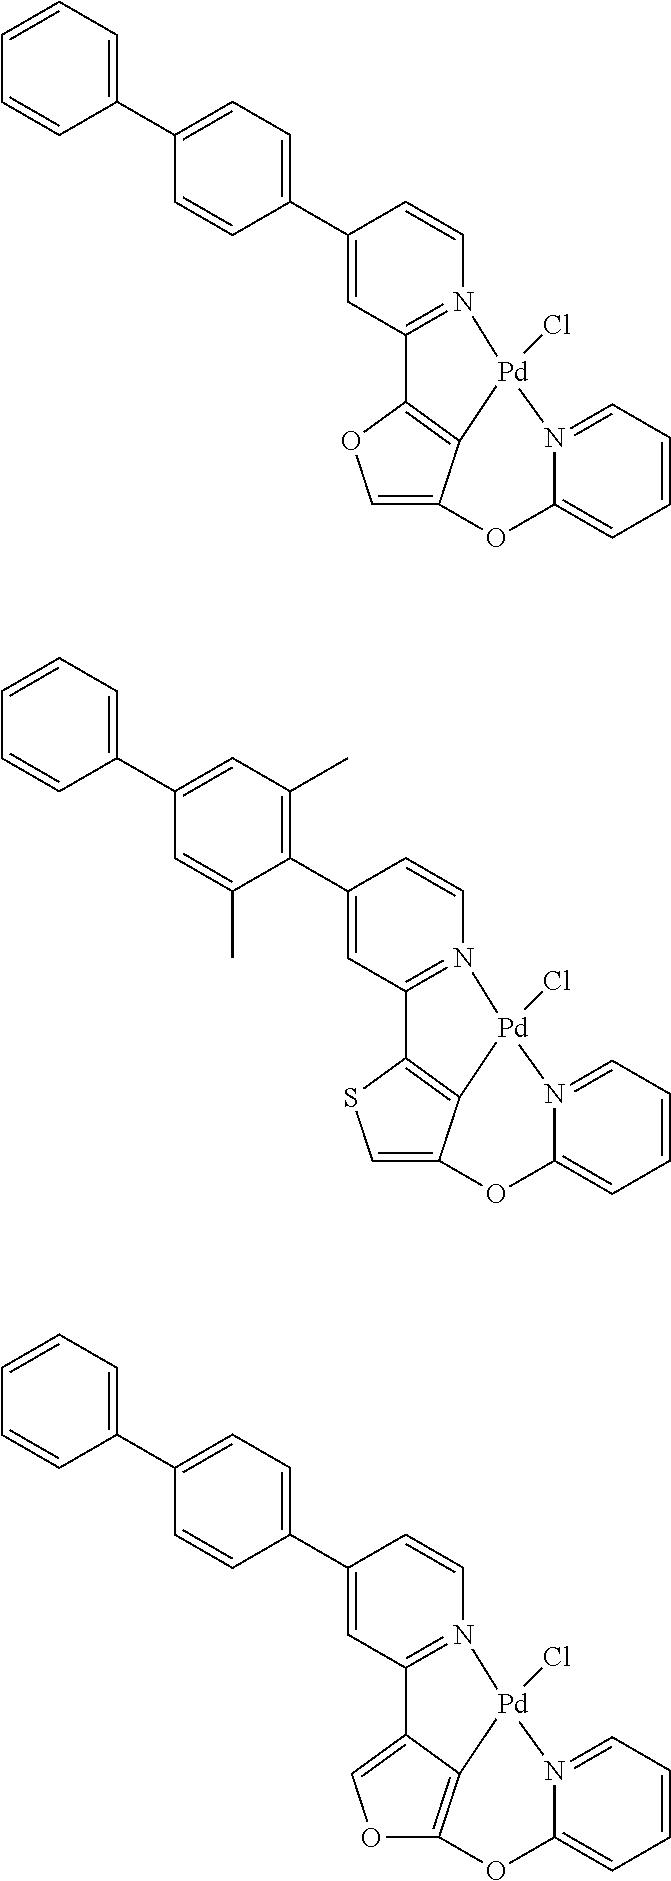 Figure US09818959-20171114-C00205